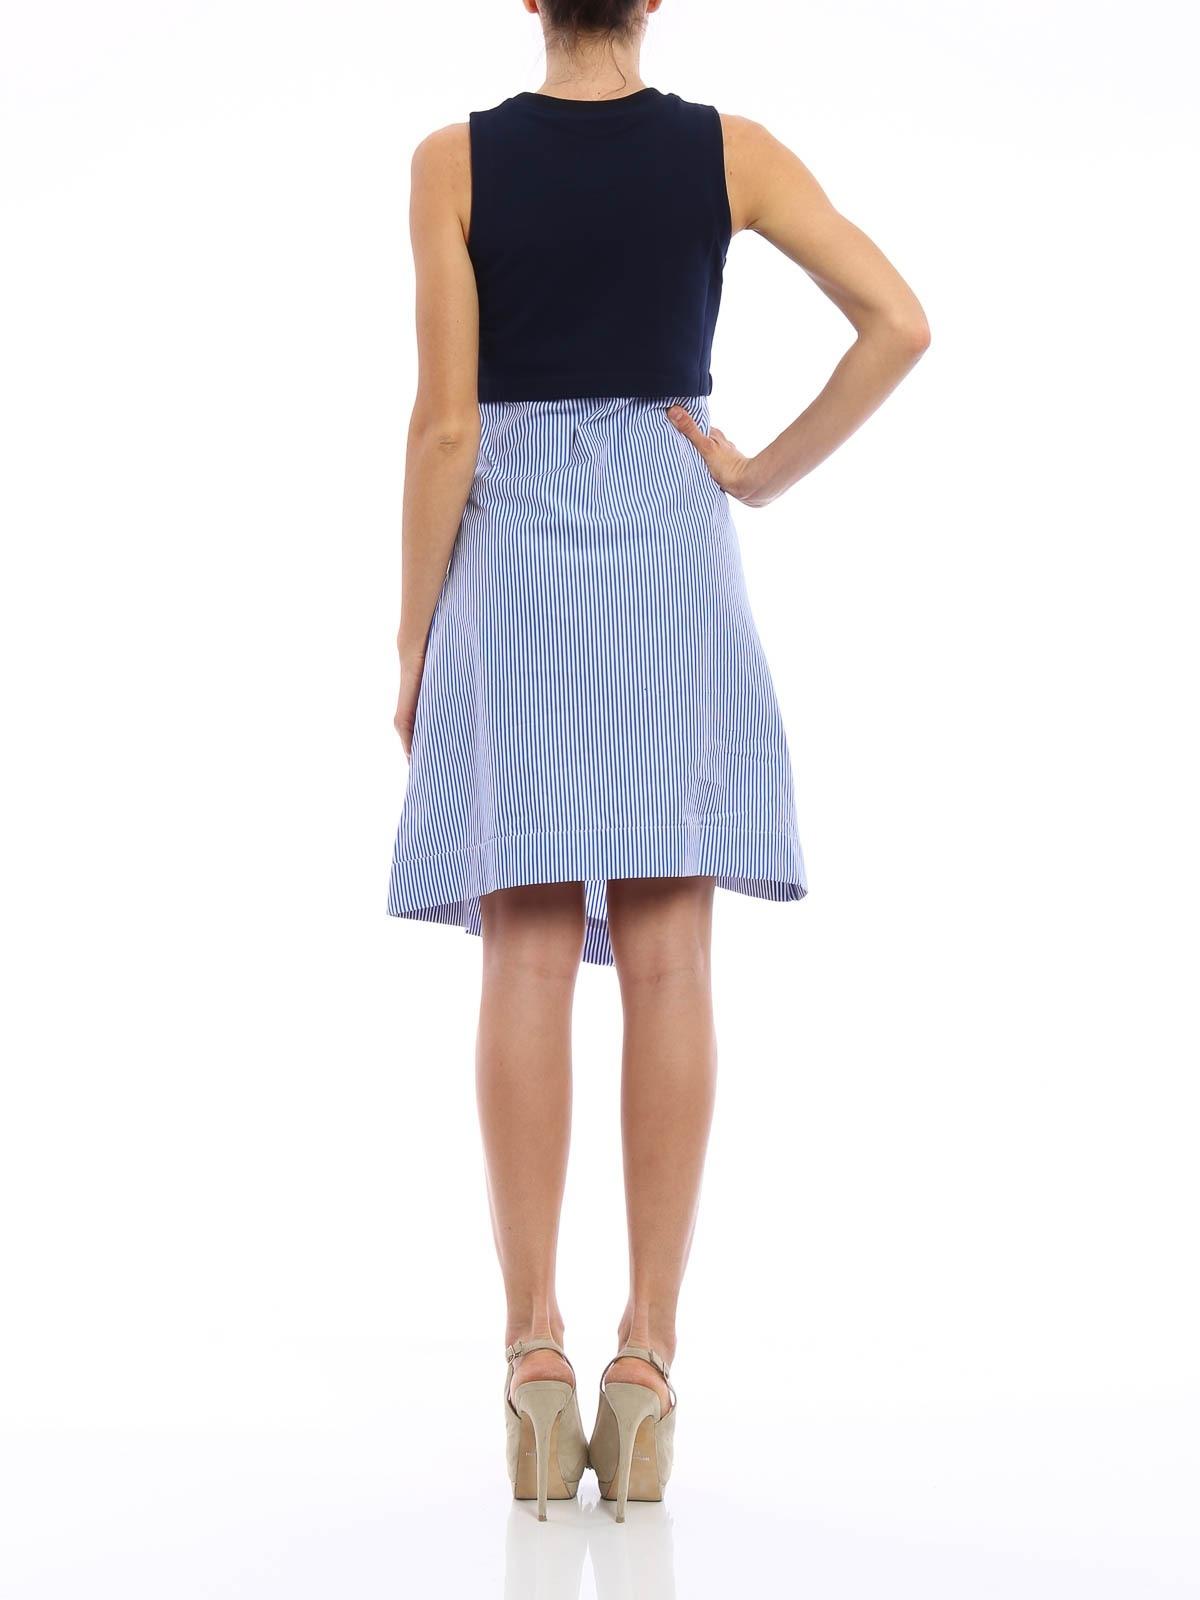 17 Schön Blaue Kurze Kleider für 2019Abend Top Blaue Kurze Kleider Boutique